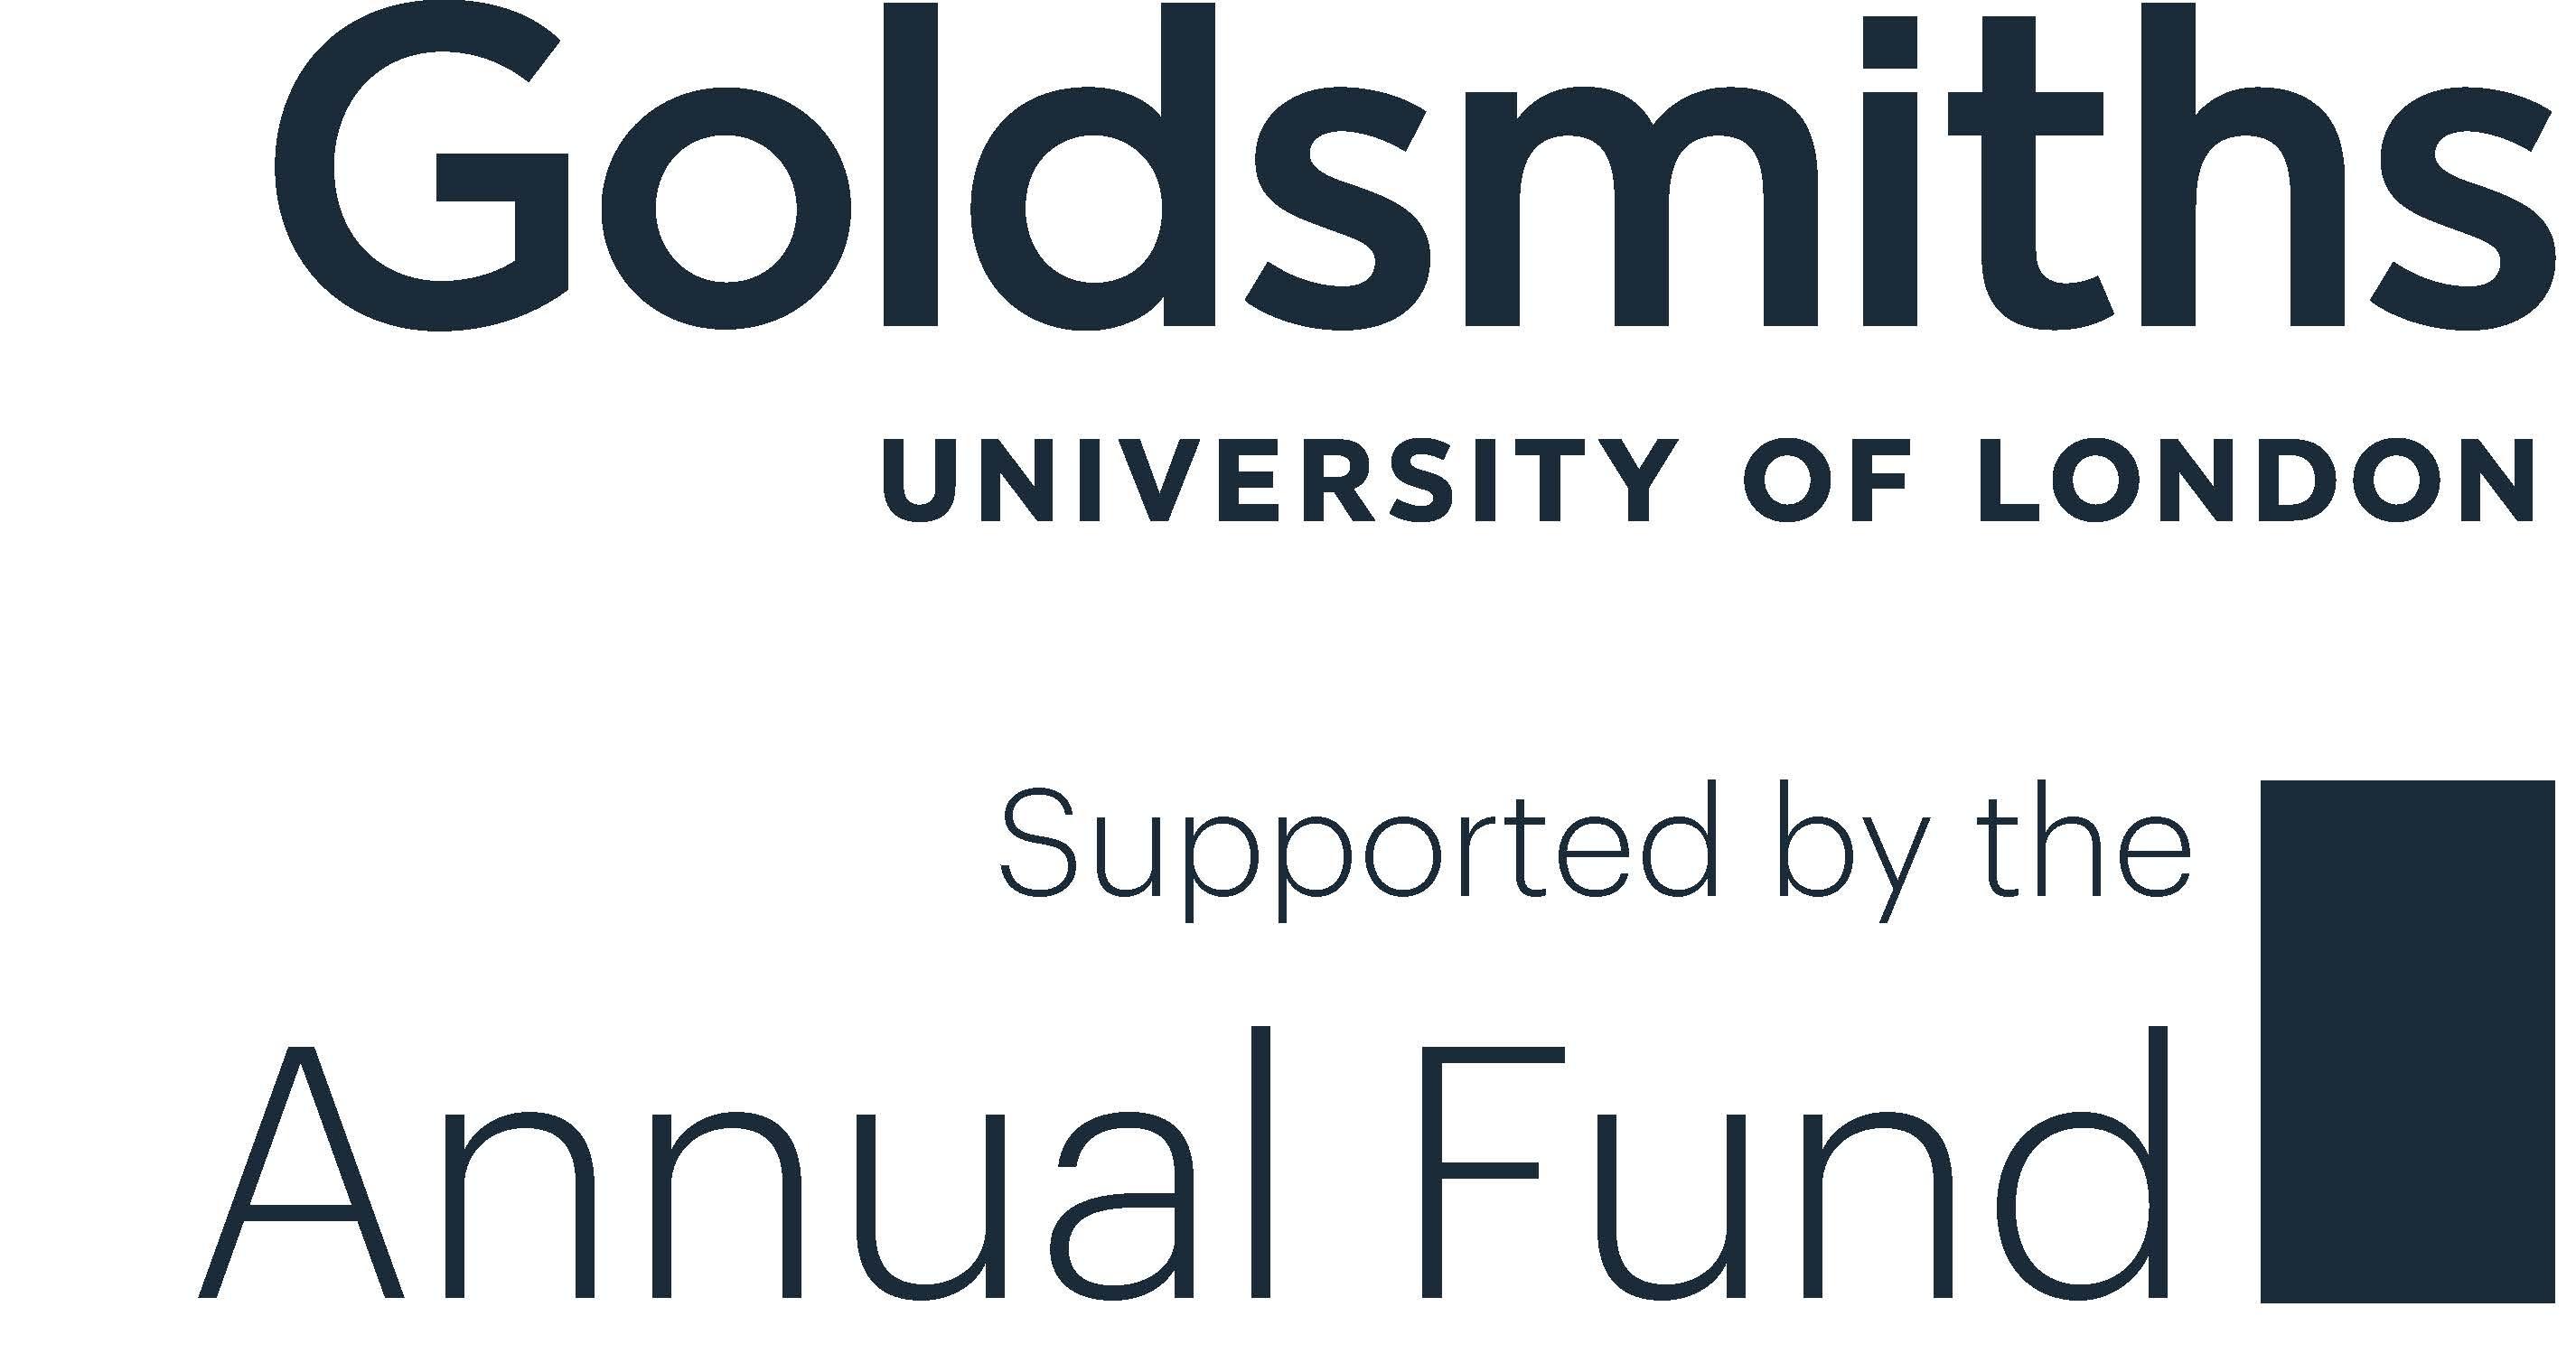 Goldsmiths Annual Fund